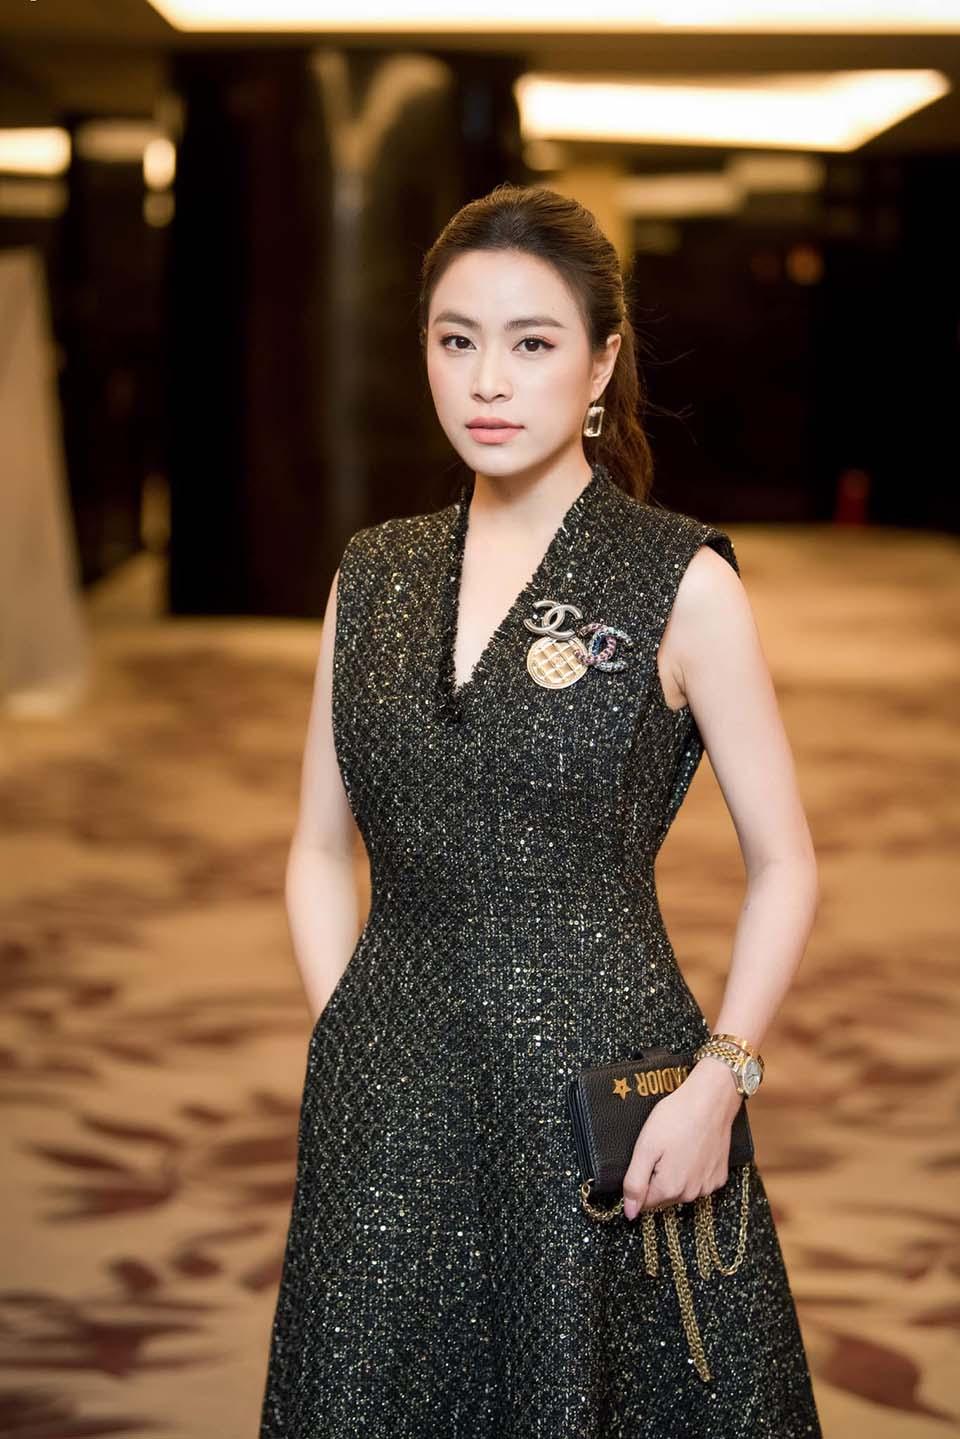 Hoàng Thuỳ Linh không muốn nhắc Vĩnh Thụy khi trở lại sóng VTV sau 12 năm - 1